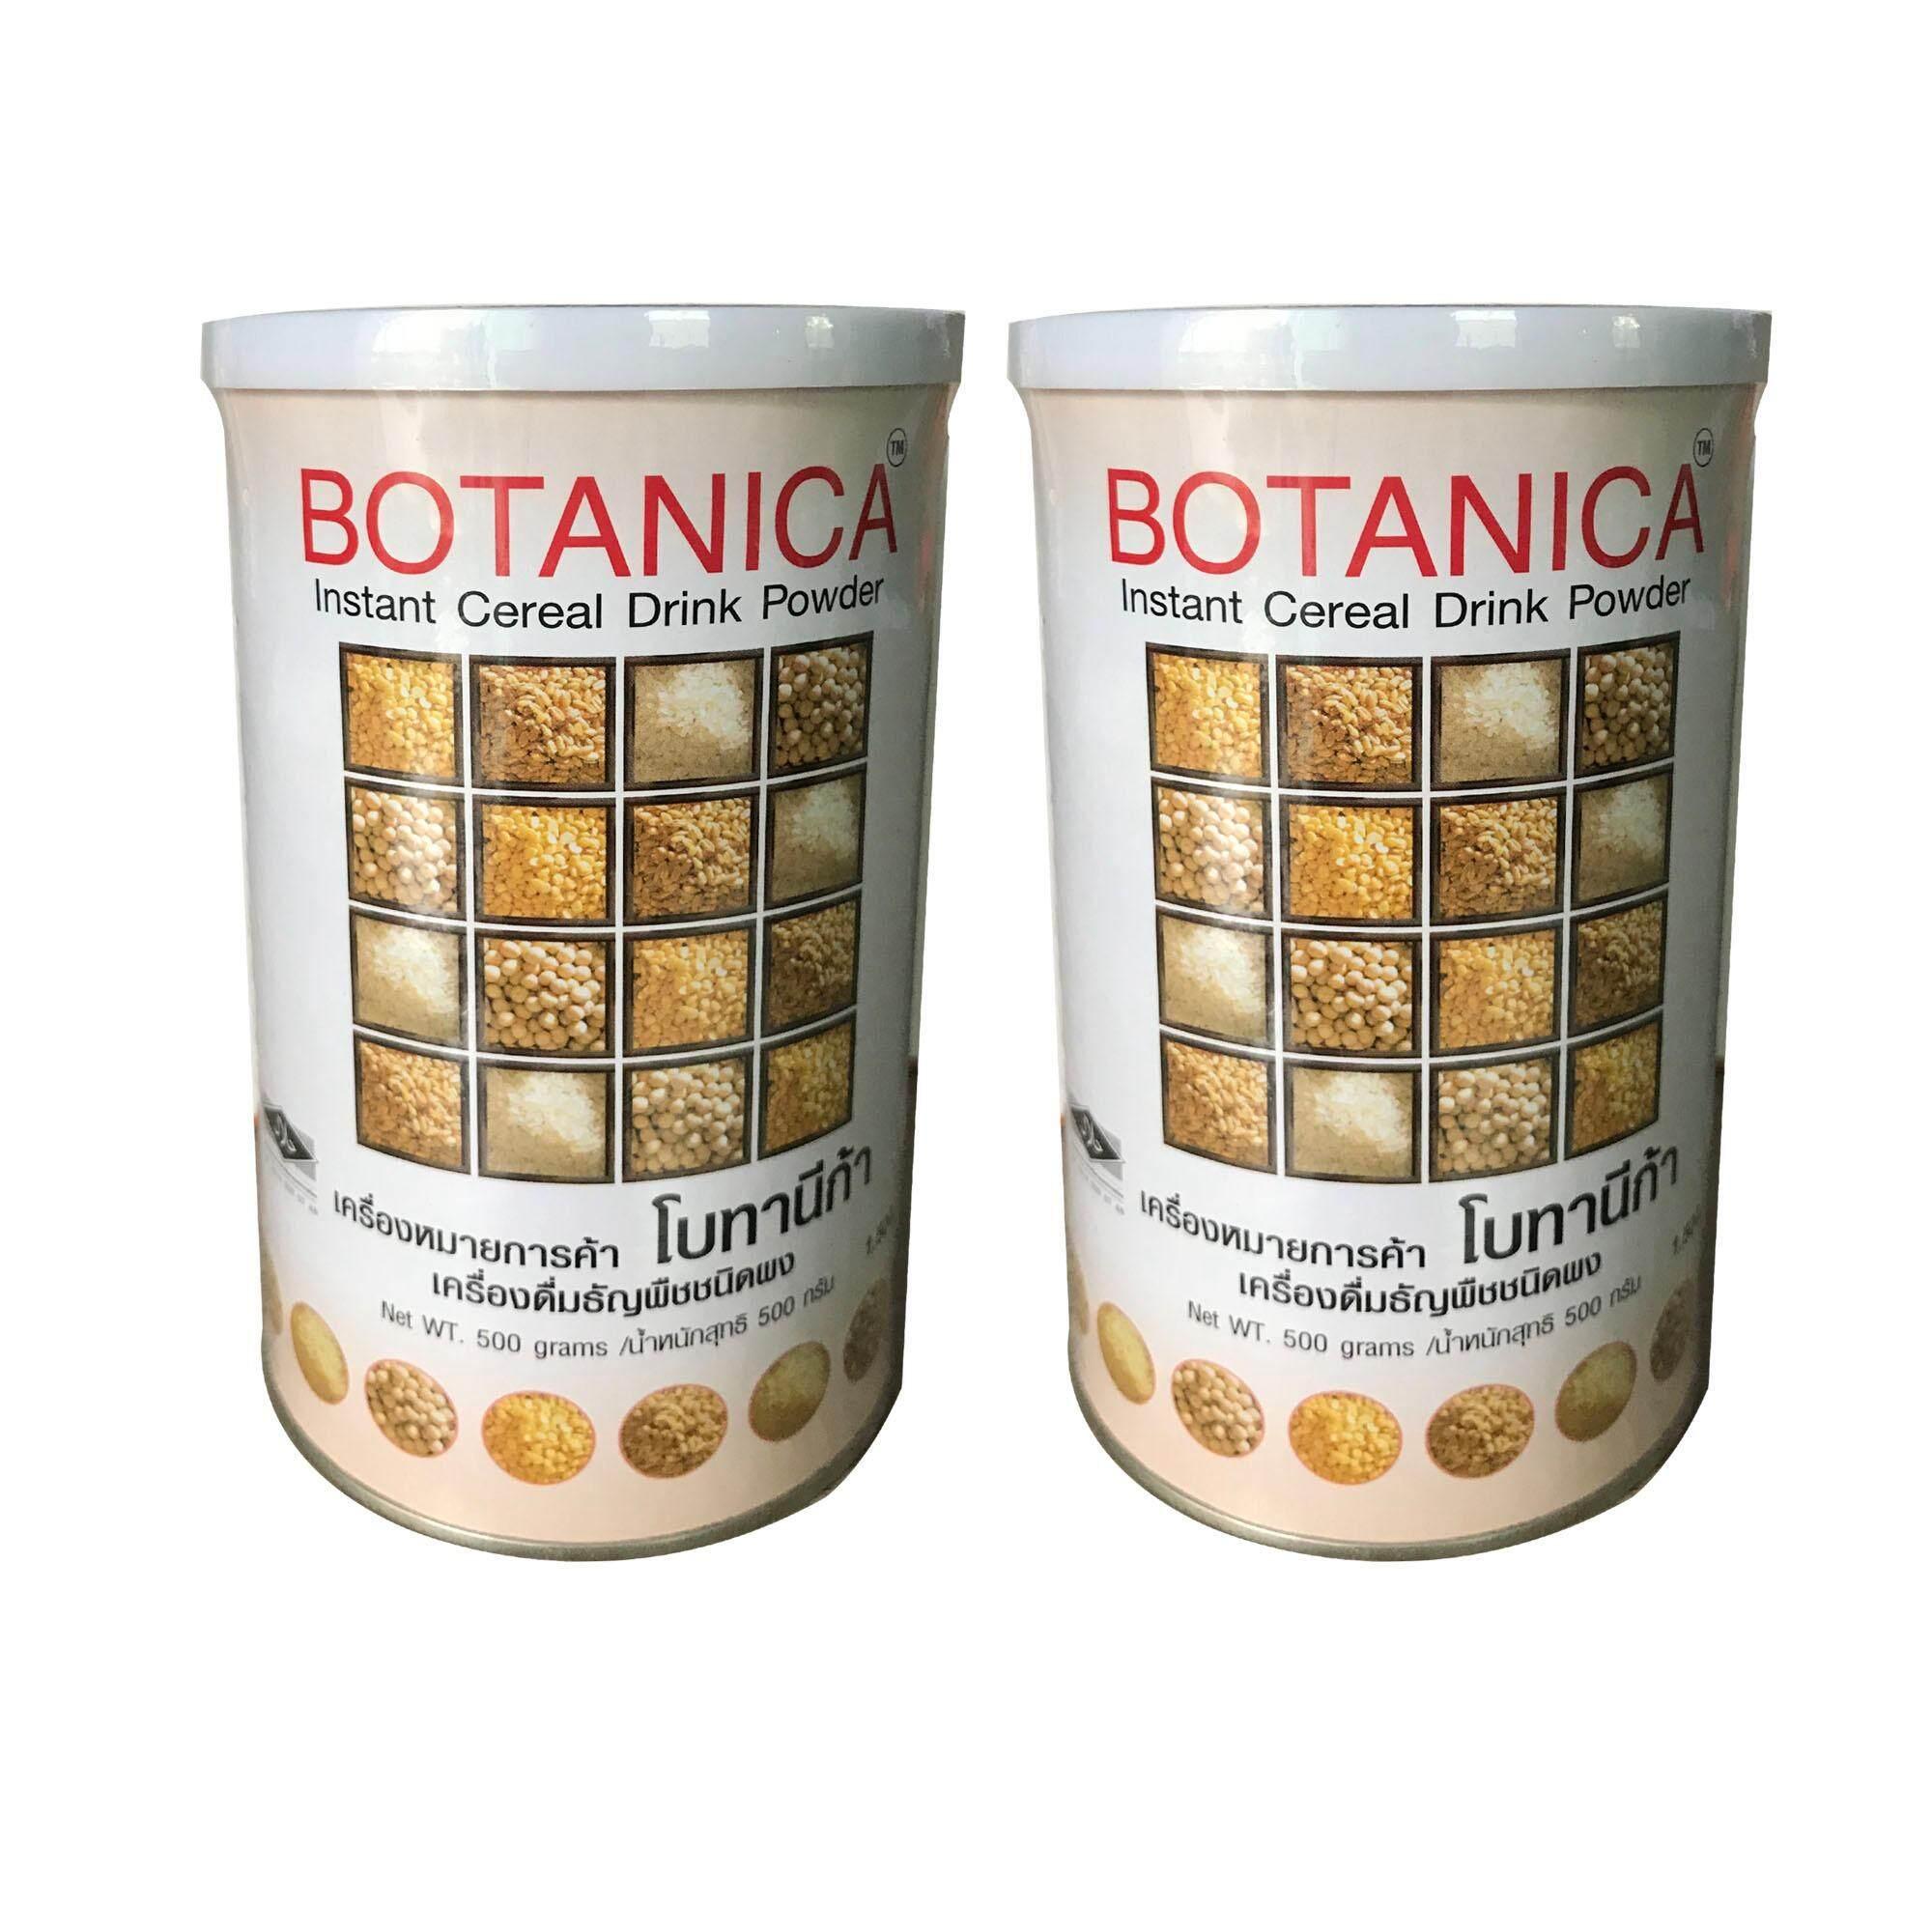 ราคา Botanica Collection โบทานีก้า สกัดจากธัญพืช 500กรัม X 2กระปุก เป็นต้นฉบับ